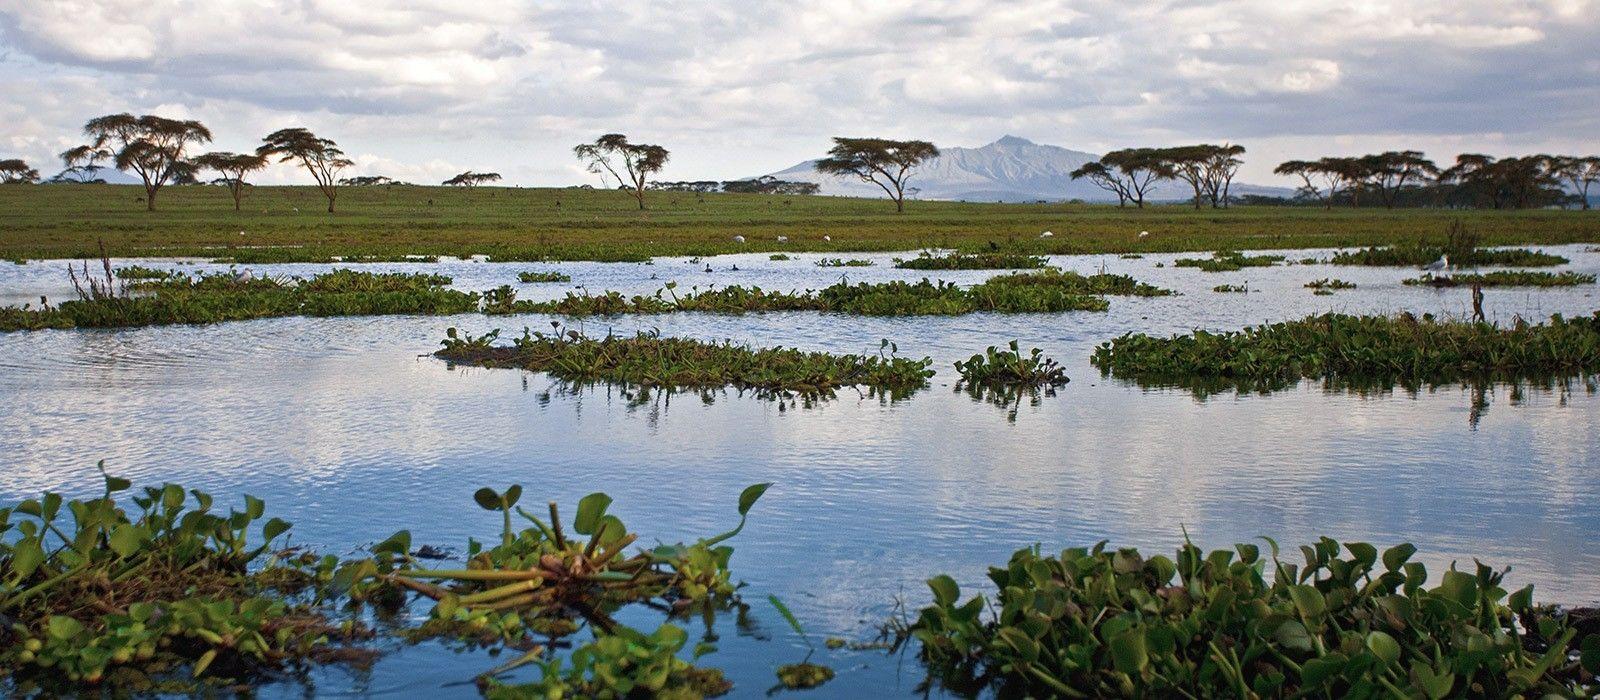 Kenia & Tansania Safarireise: Ungezähmte Wildnis Urlaub 5